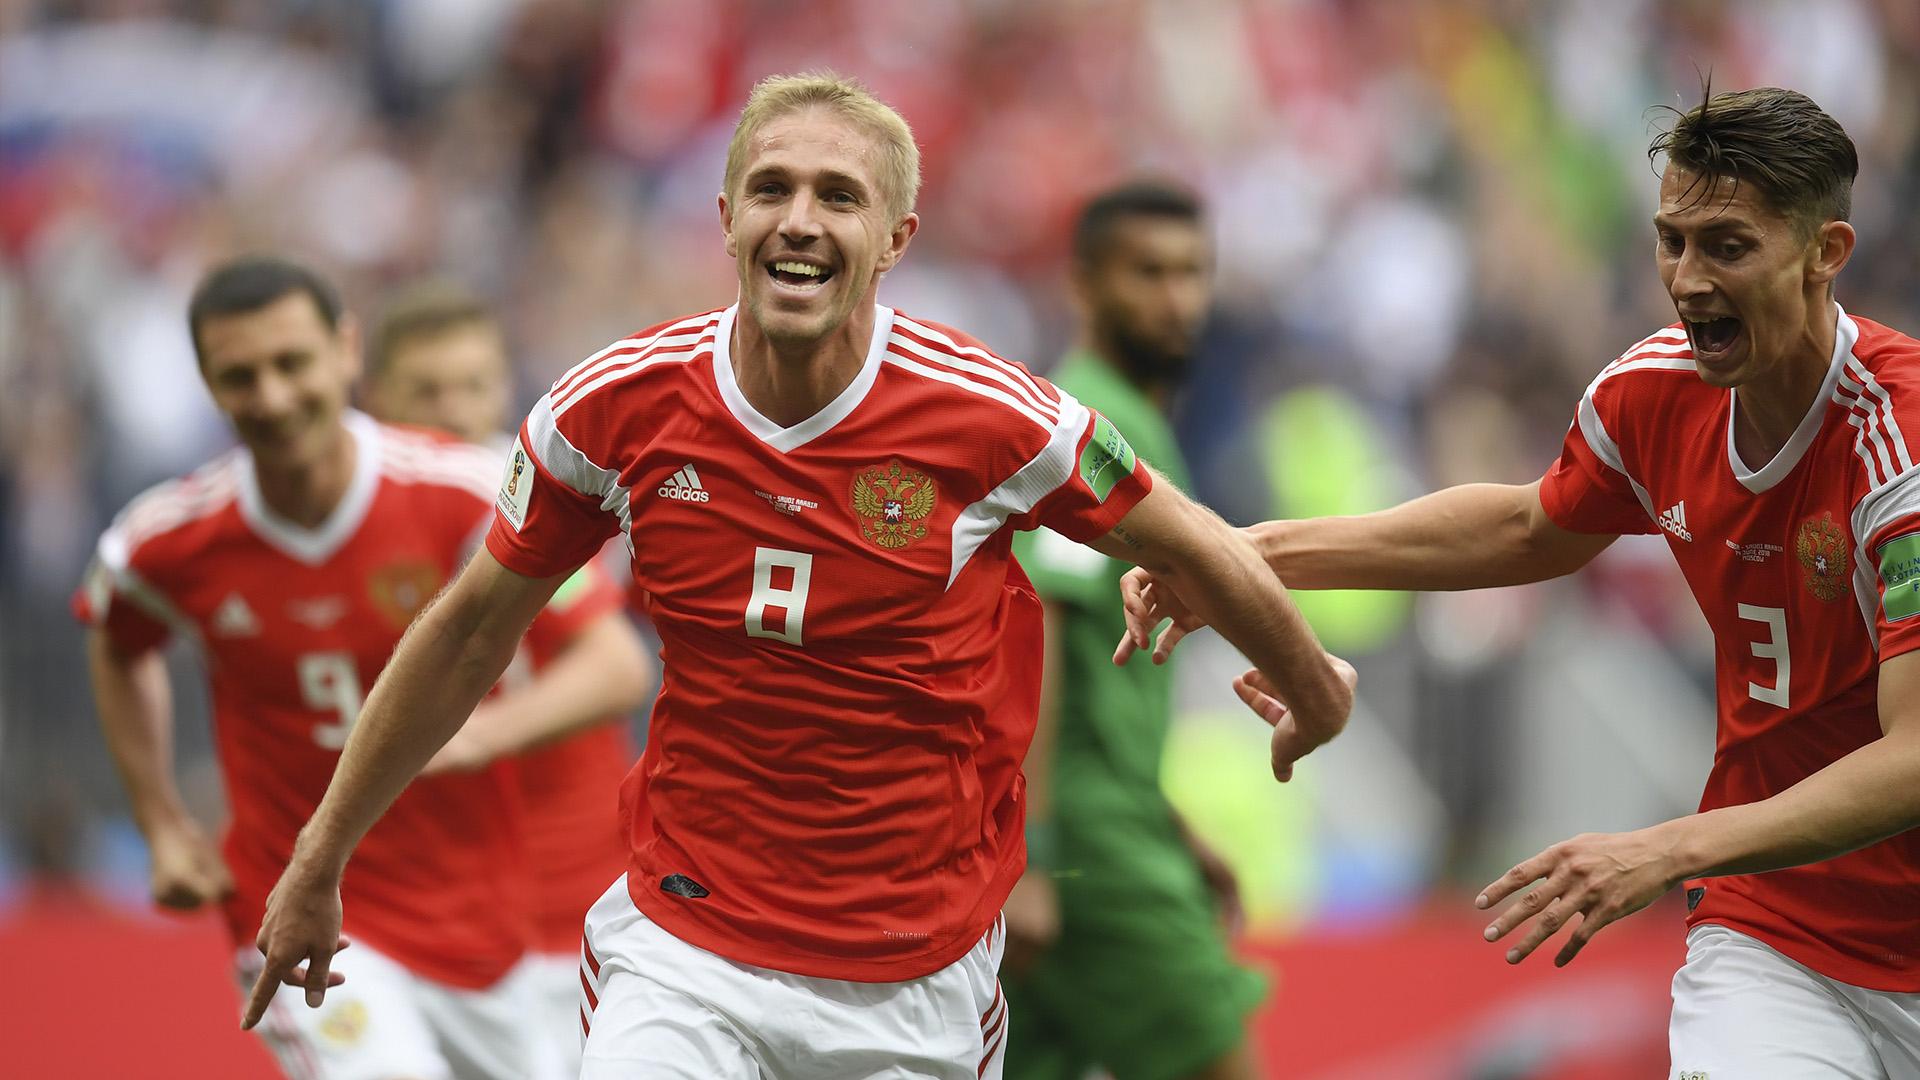 Iury Gazinsky Rússia x Arábia Saudita primeiro gol da copa 2018 14 06 18